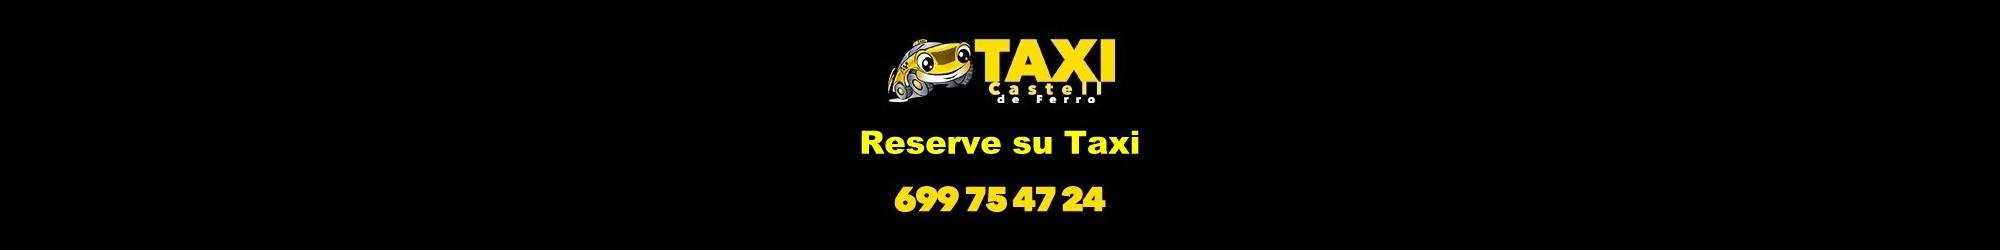 taxis en castell de ferro, taxis en gualchos, taxis castell de ferro